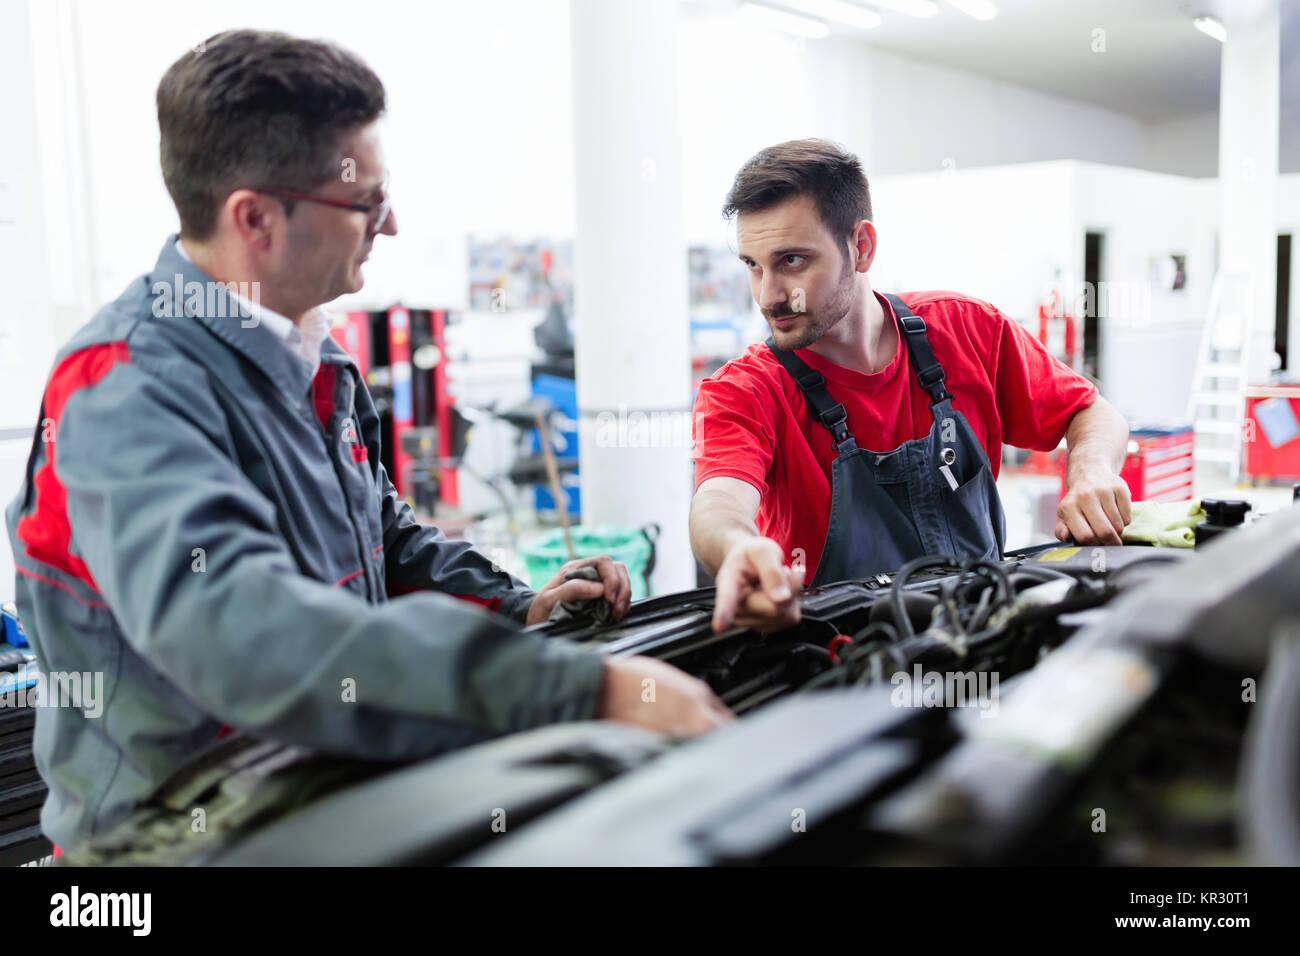 Mecánicos de Automóviles trabajan en centros de servicio automotriz Foto de stock